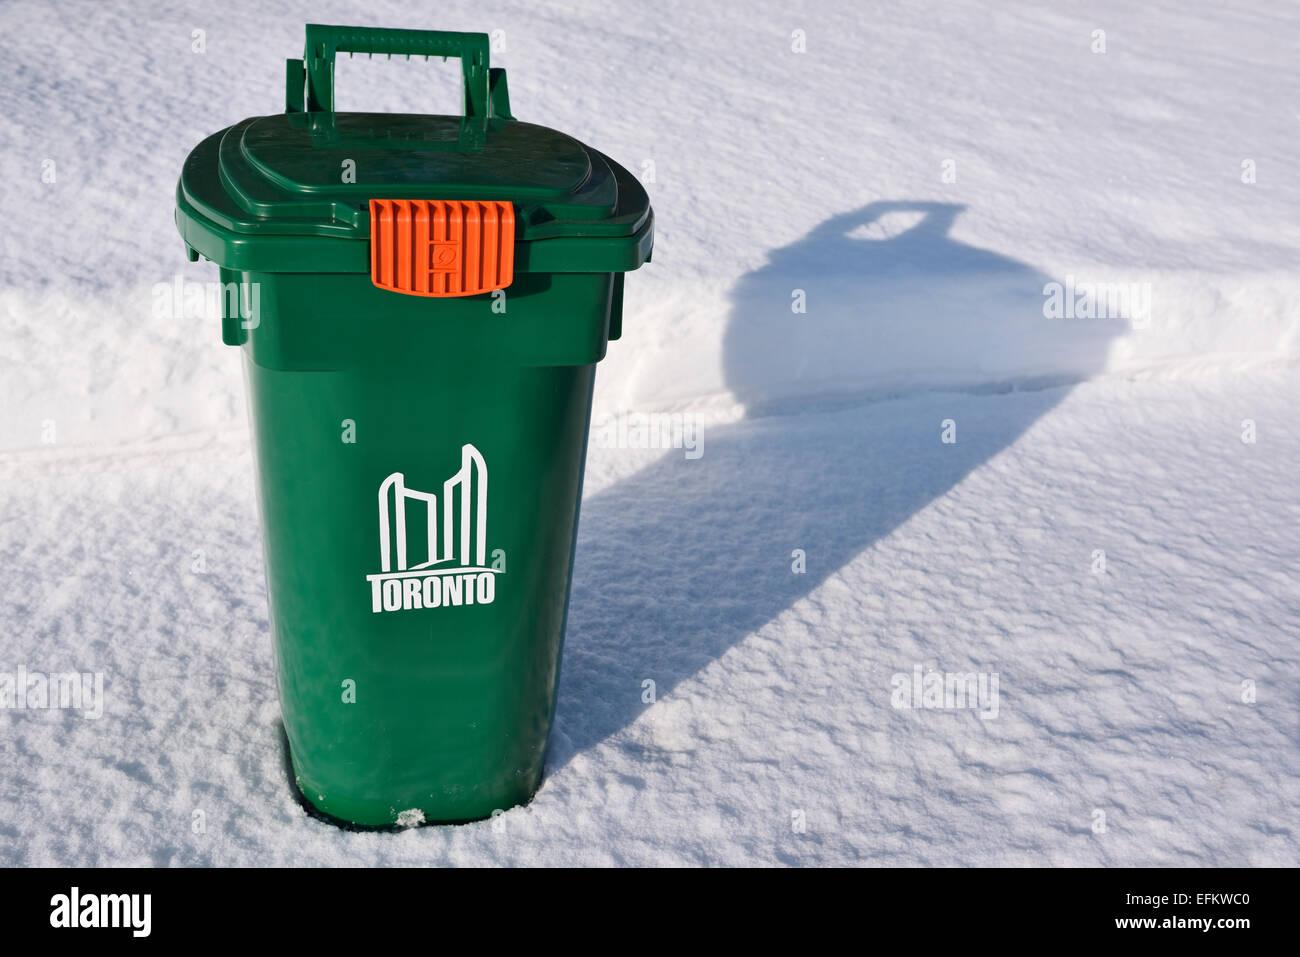 Nuevo contenedor verde de reciclaje de Toronto en la acera cubierta de nieve fresca en invierno Imagen De Stock